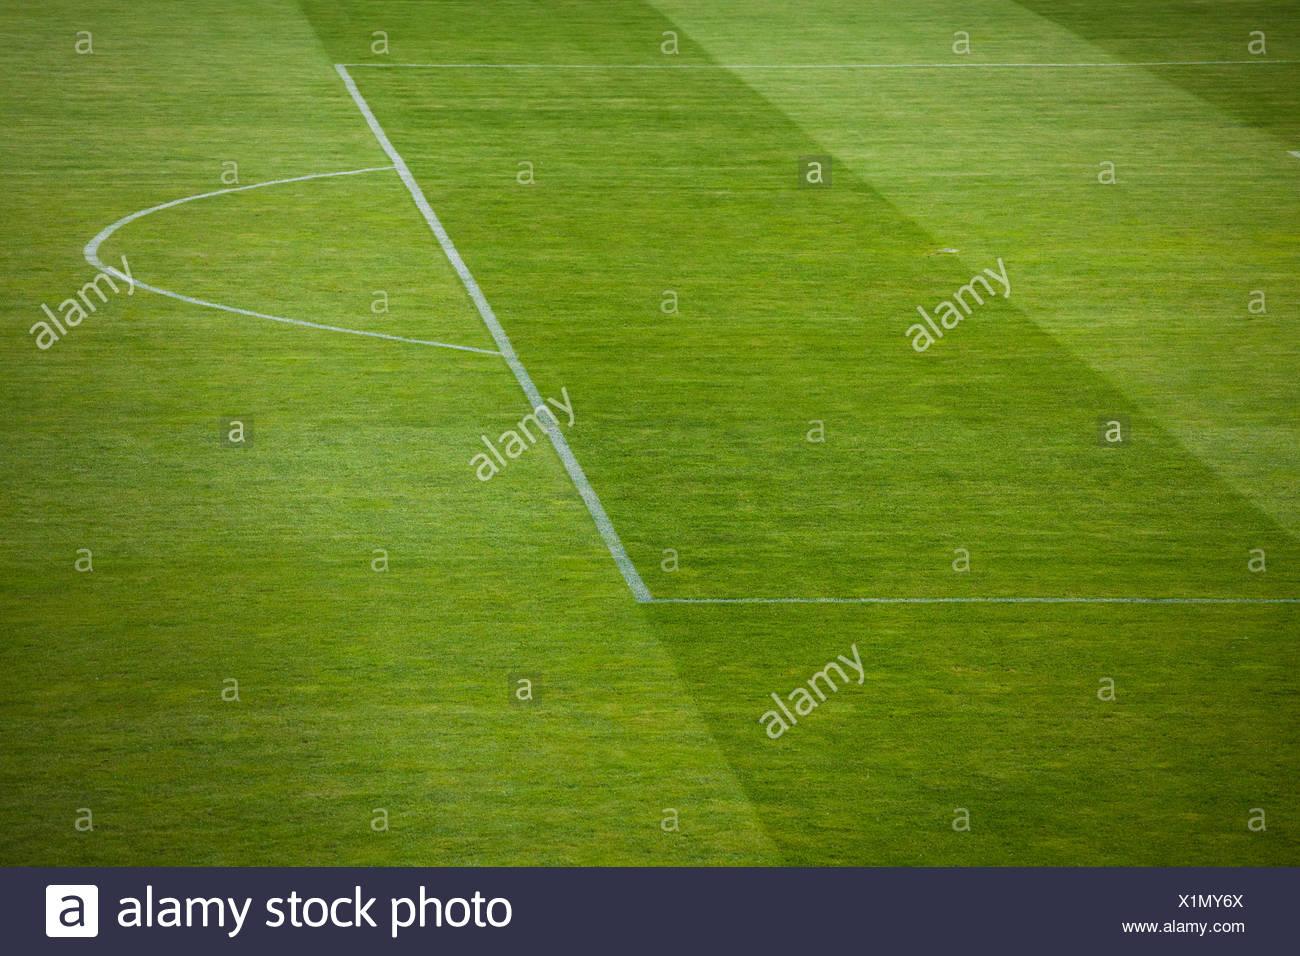 natural green grass soccer field21 green